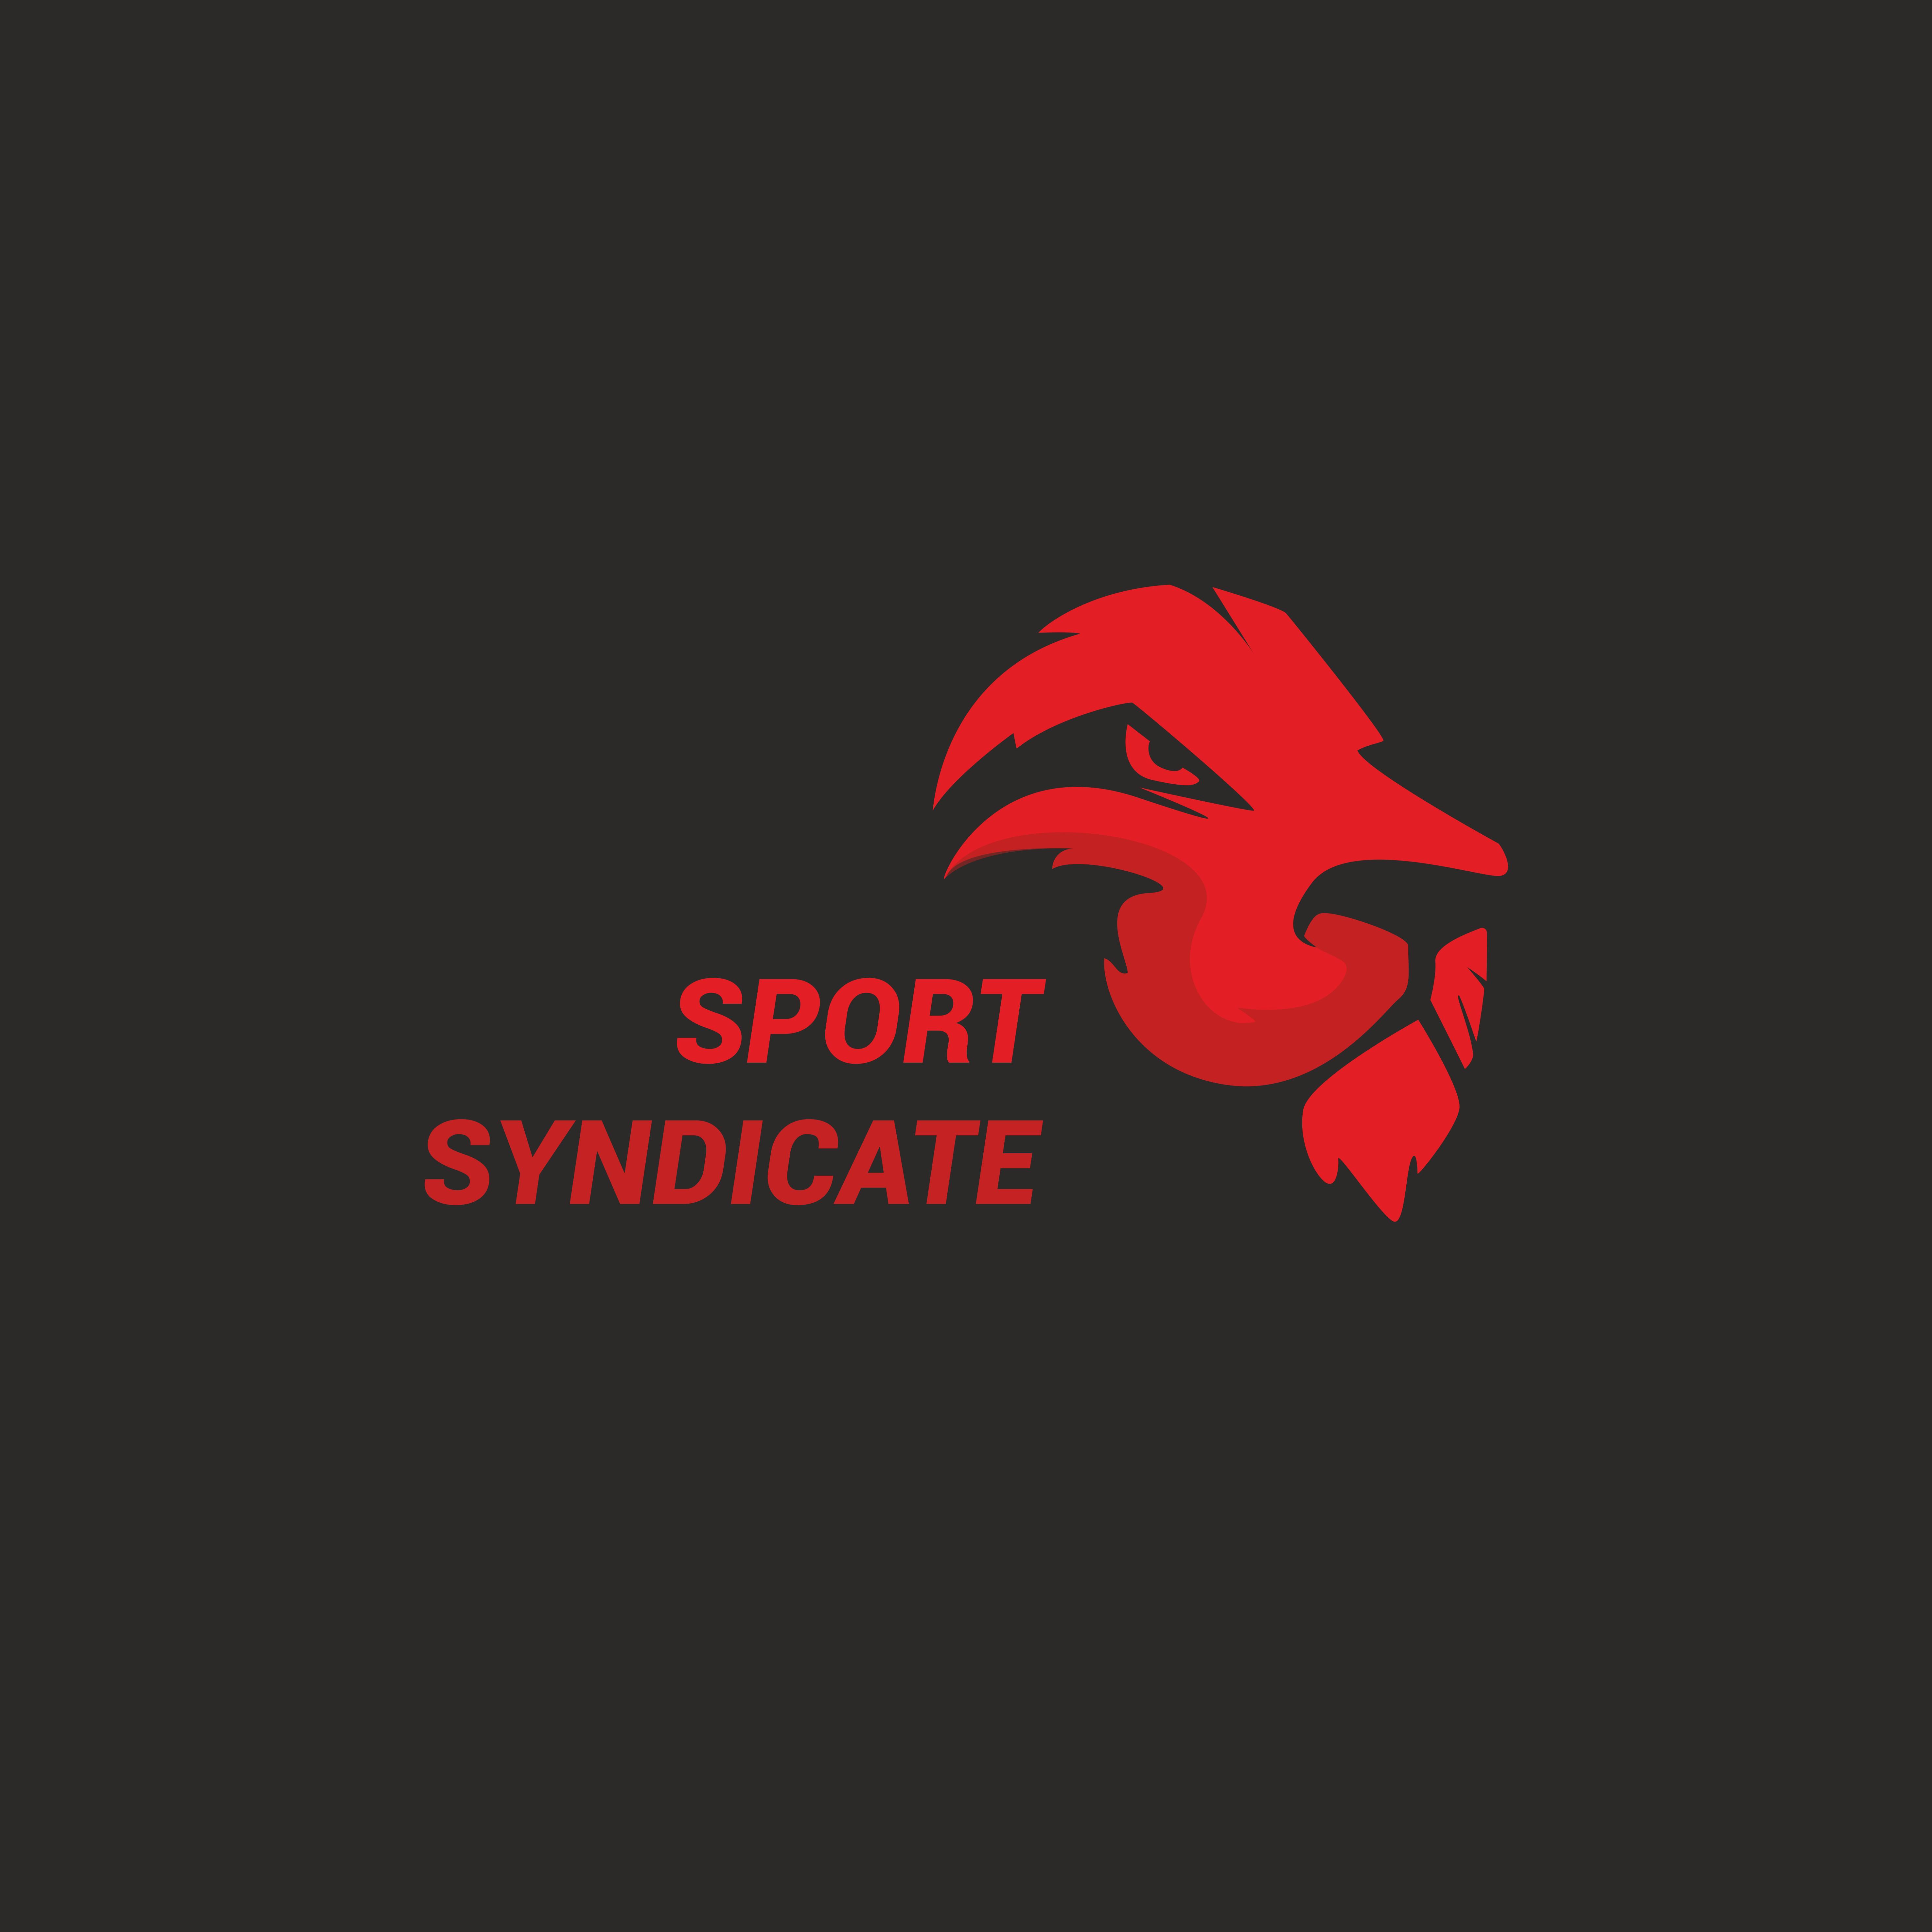 Создать логотип для сети магазинов спортивного питания фото f_6705968fe02ed01f.png